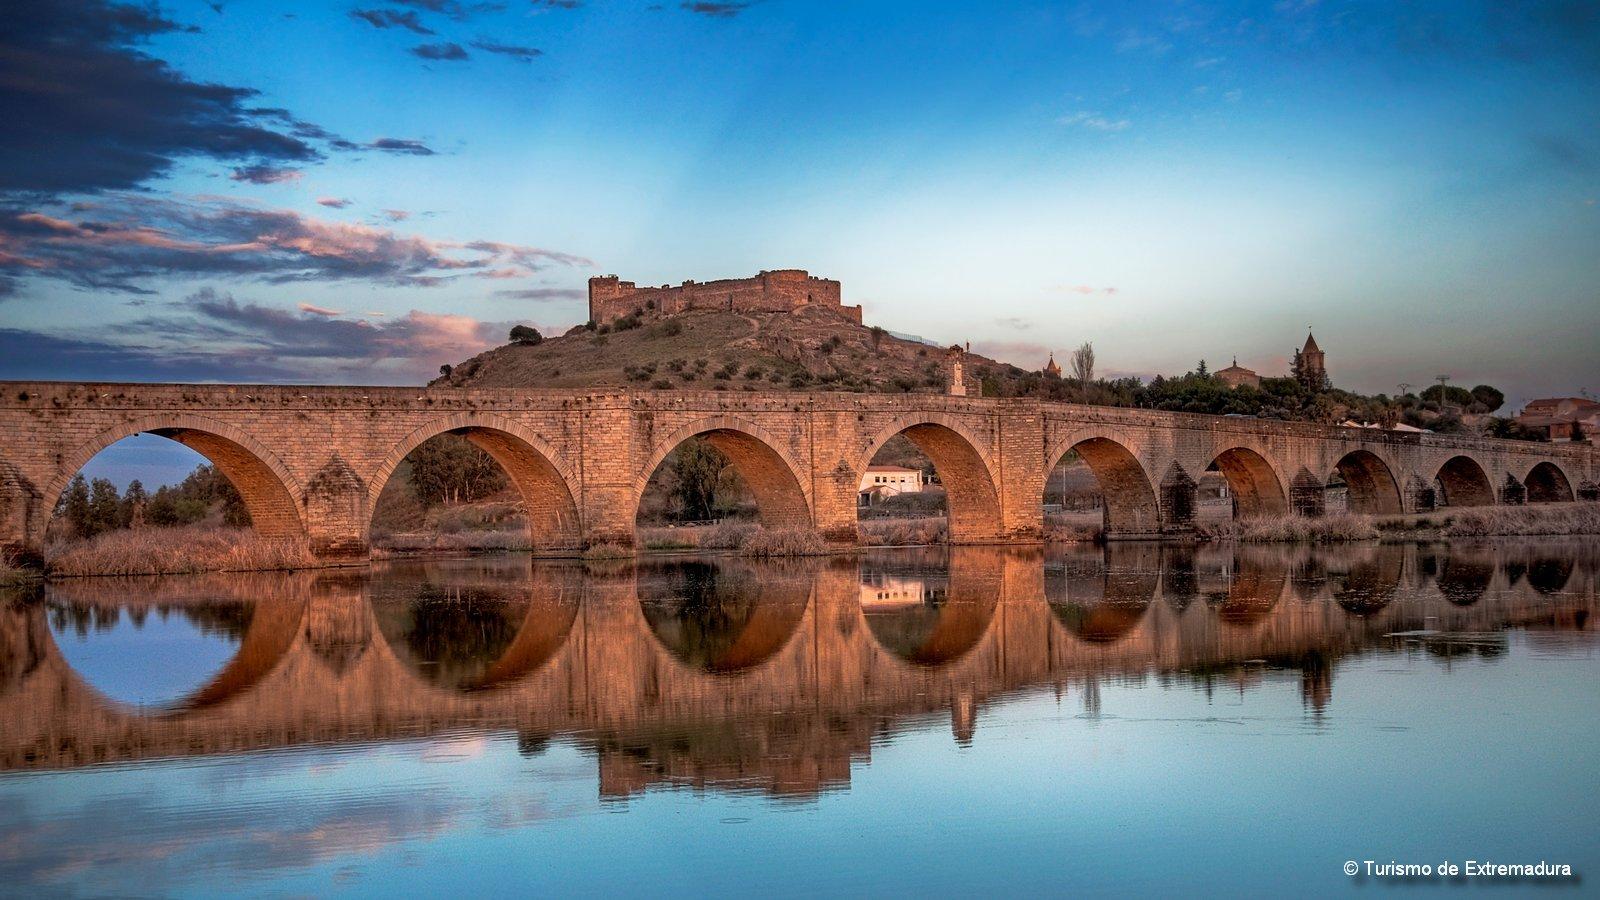 Een brug maakt verbinding, net zoals lokale gidsen dat doen met de natuur, cultuur en mensen in Extremadura